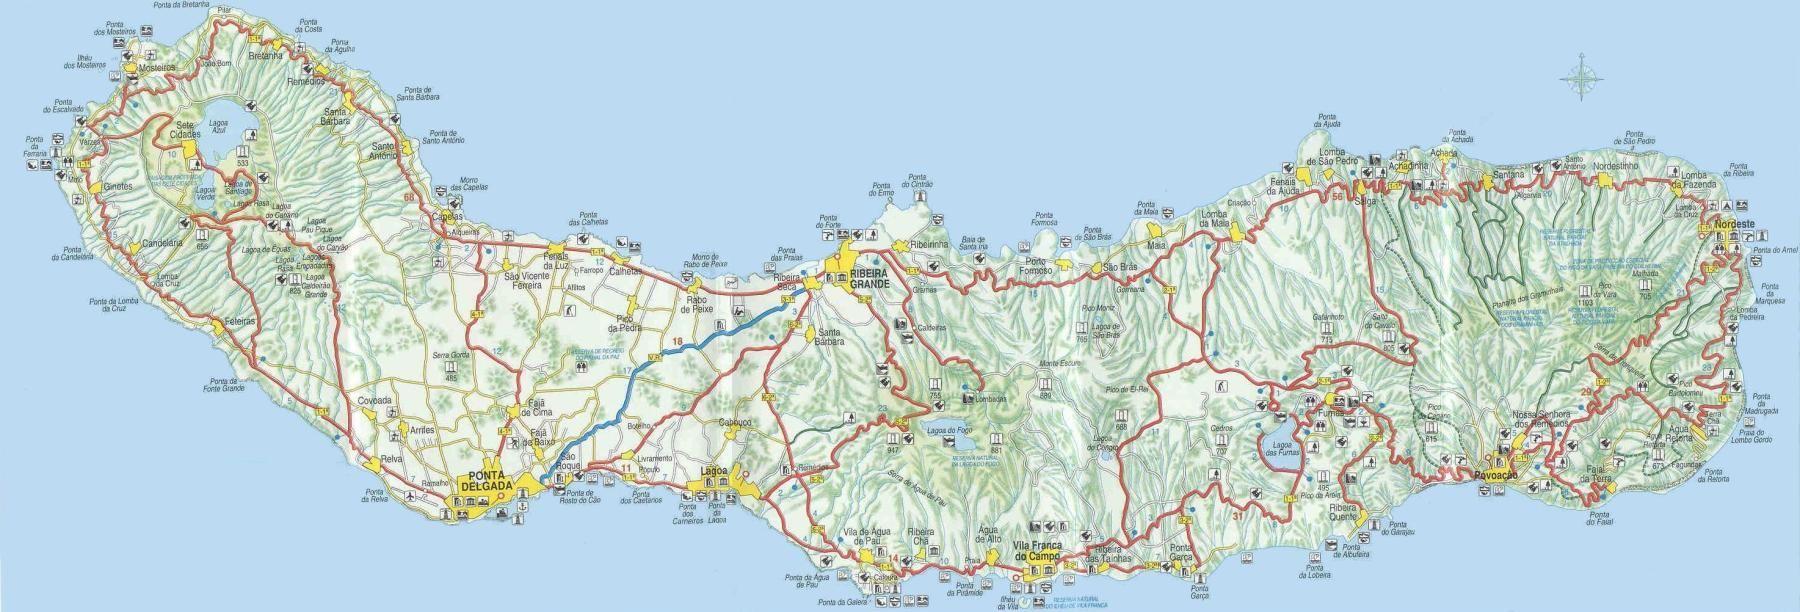 mapa sao miguel sao miguel(mapa) | no place like home | Pinterest | Portuguese  mapa sao miguel